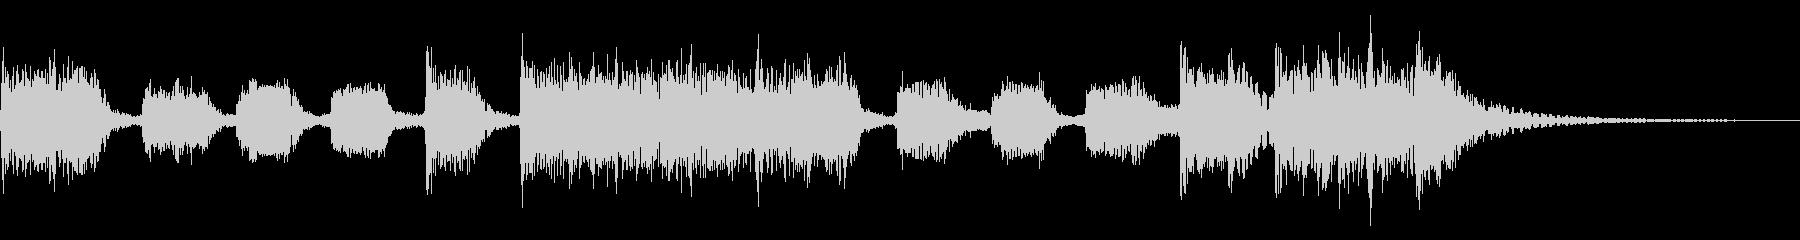 インパクトあるロックなジングル12の未再生の波形